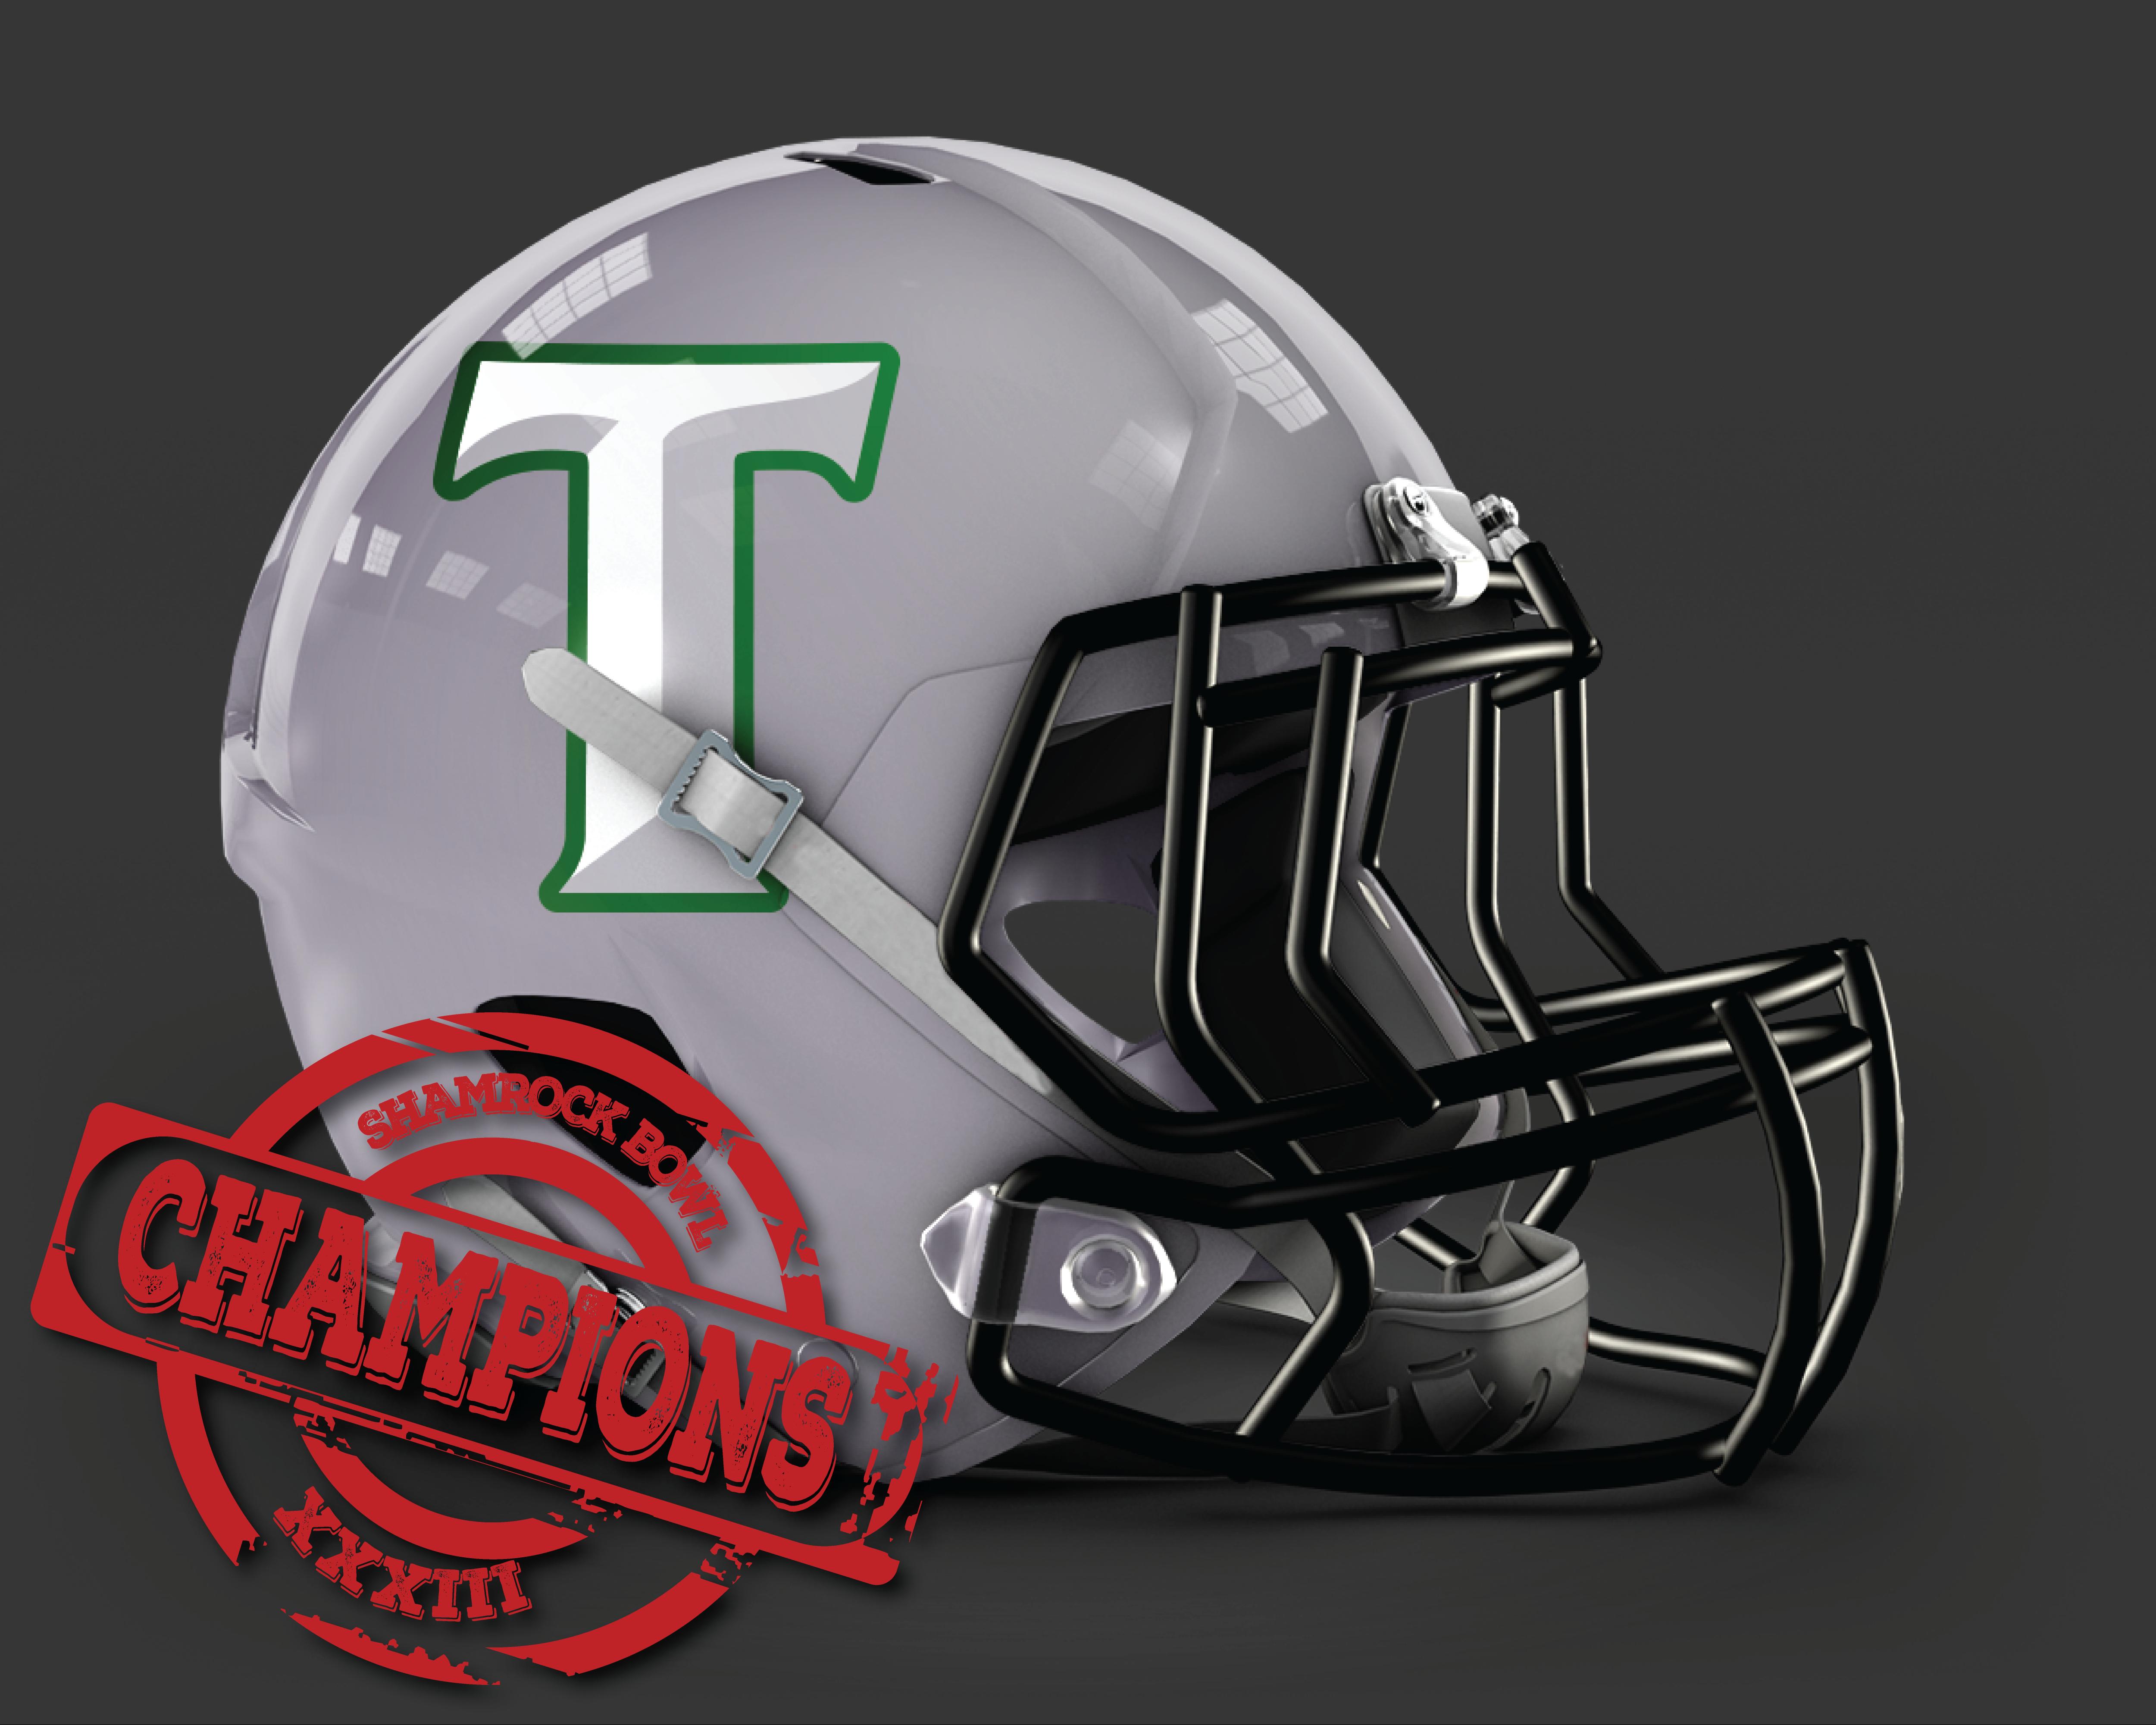 SBC 2019 Champions Helmet